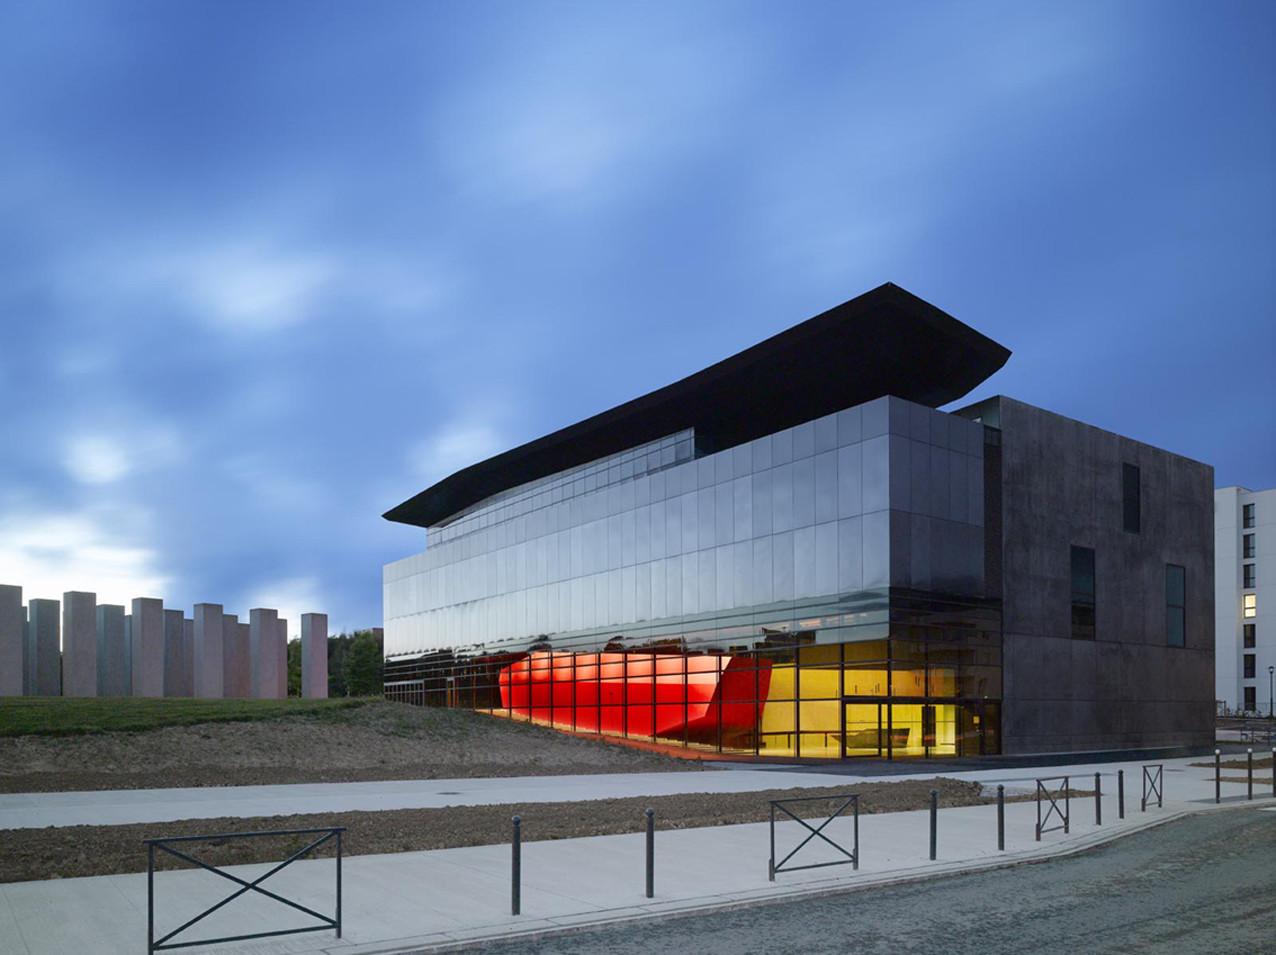 Frac bretagne museum studio odile decq archdaily for La architecte